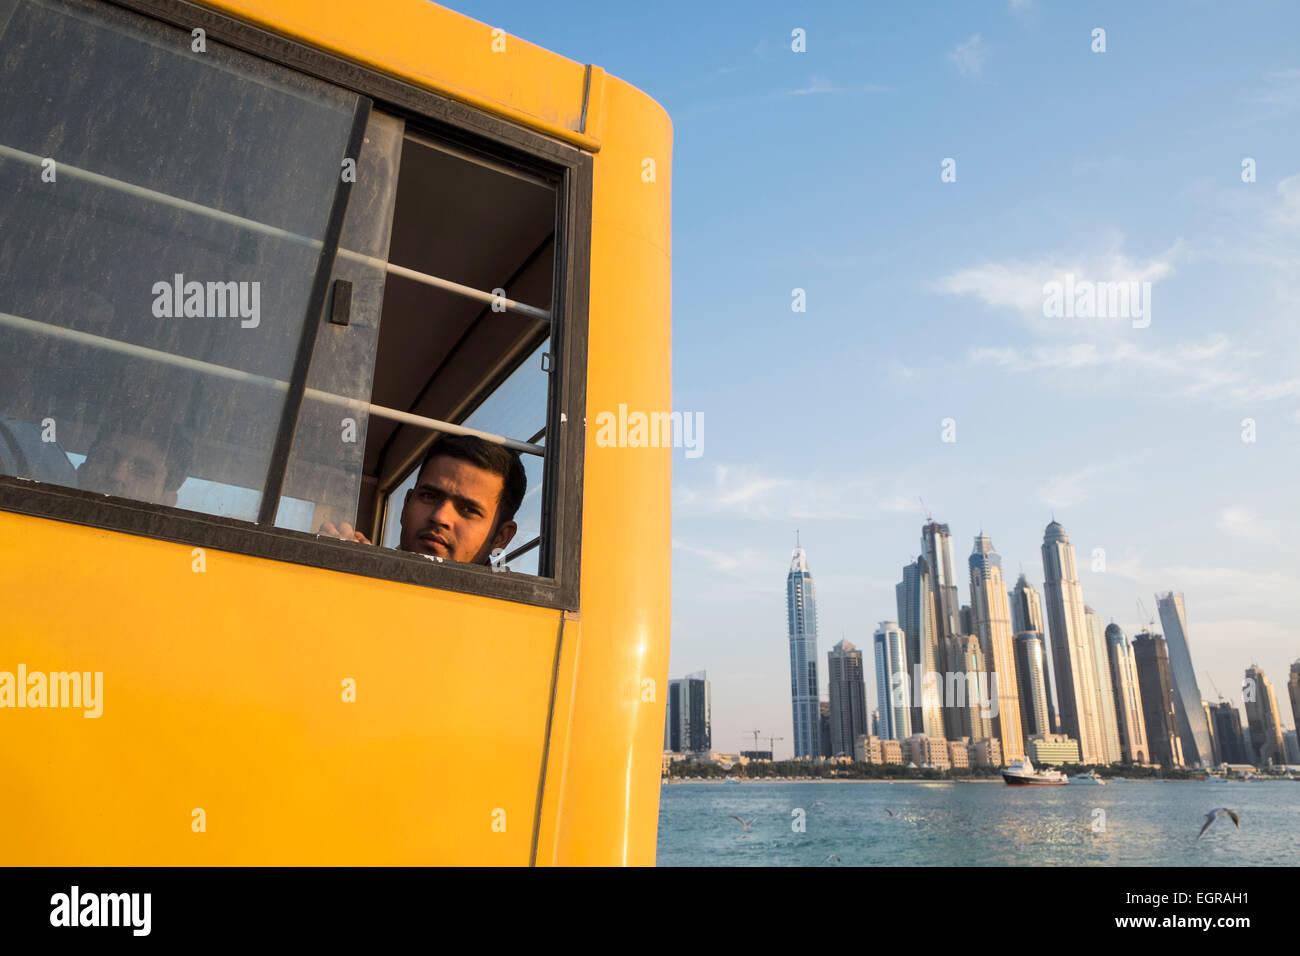 Operaio edile sul bus a quarti viventi al termine della giornata lavorativa in Dubai Emirati Arabi Uniti Immagini Stock